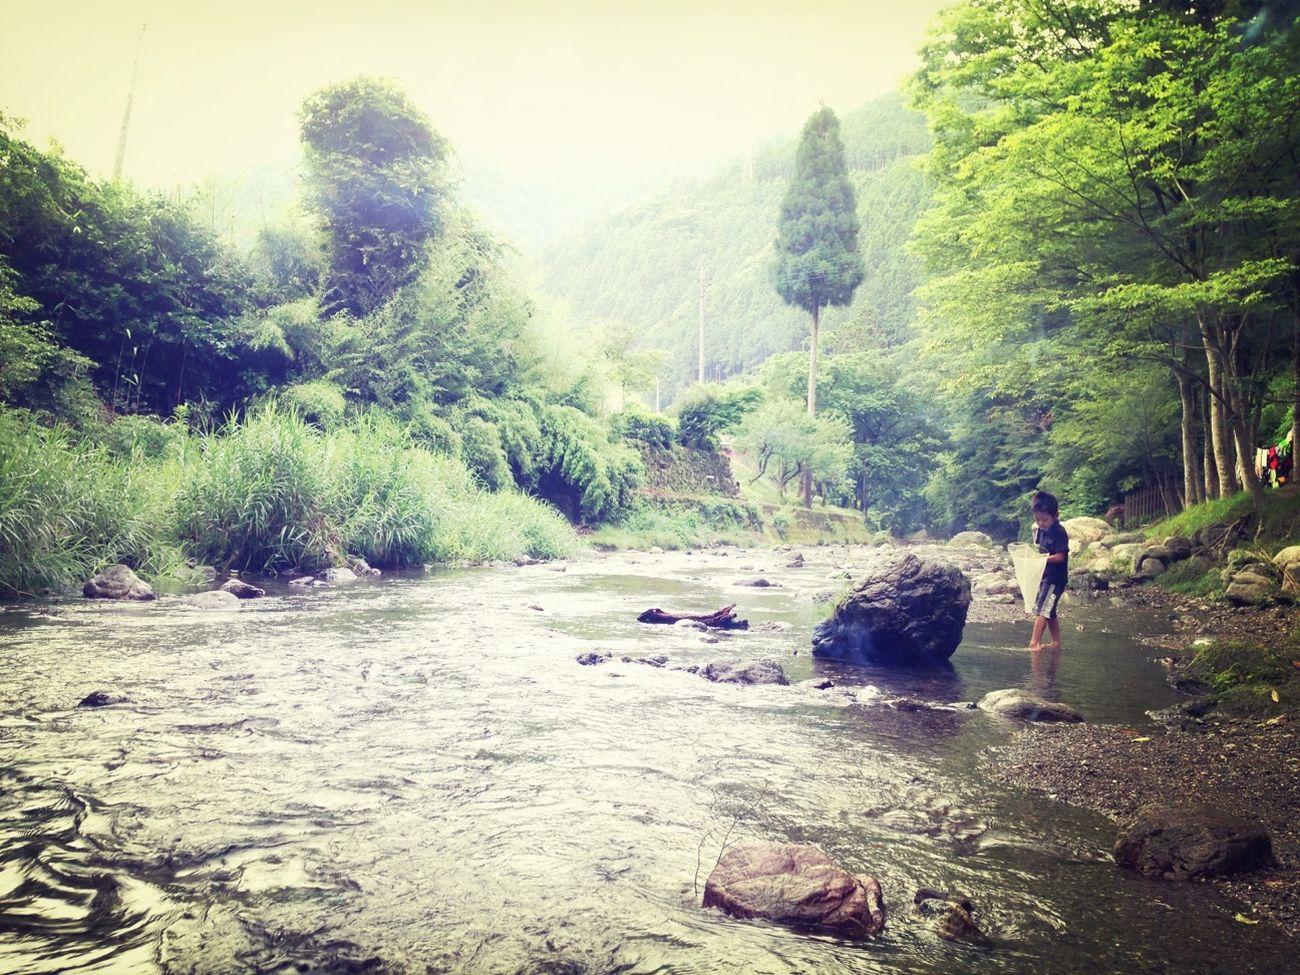 Camping River Photo